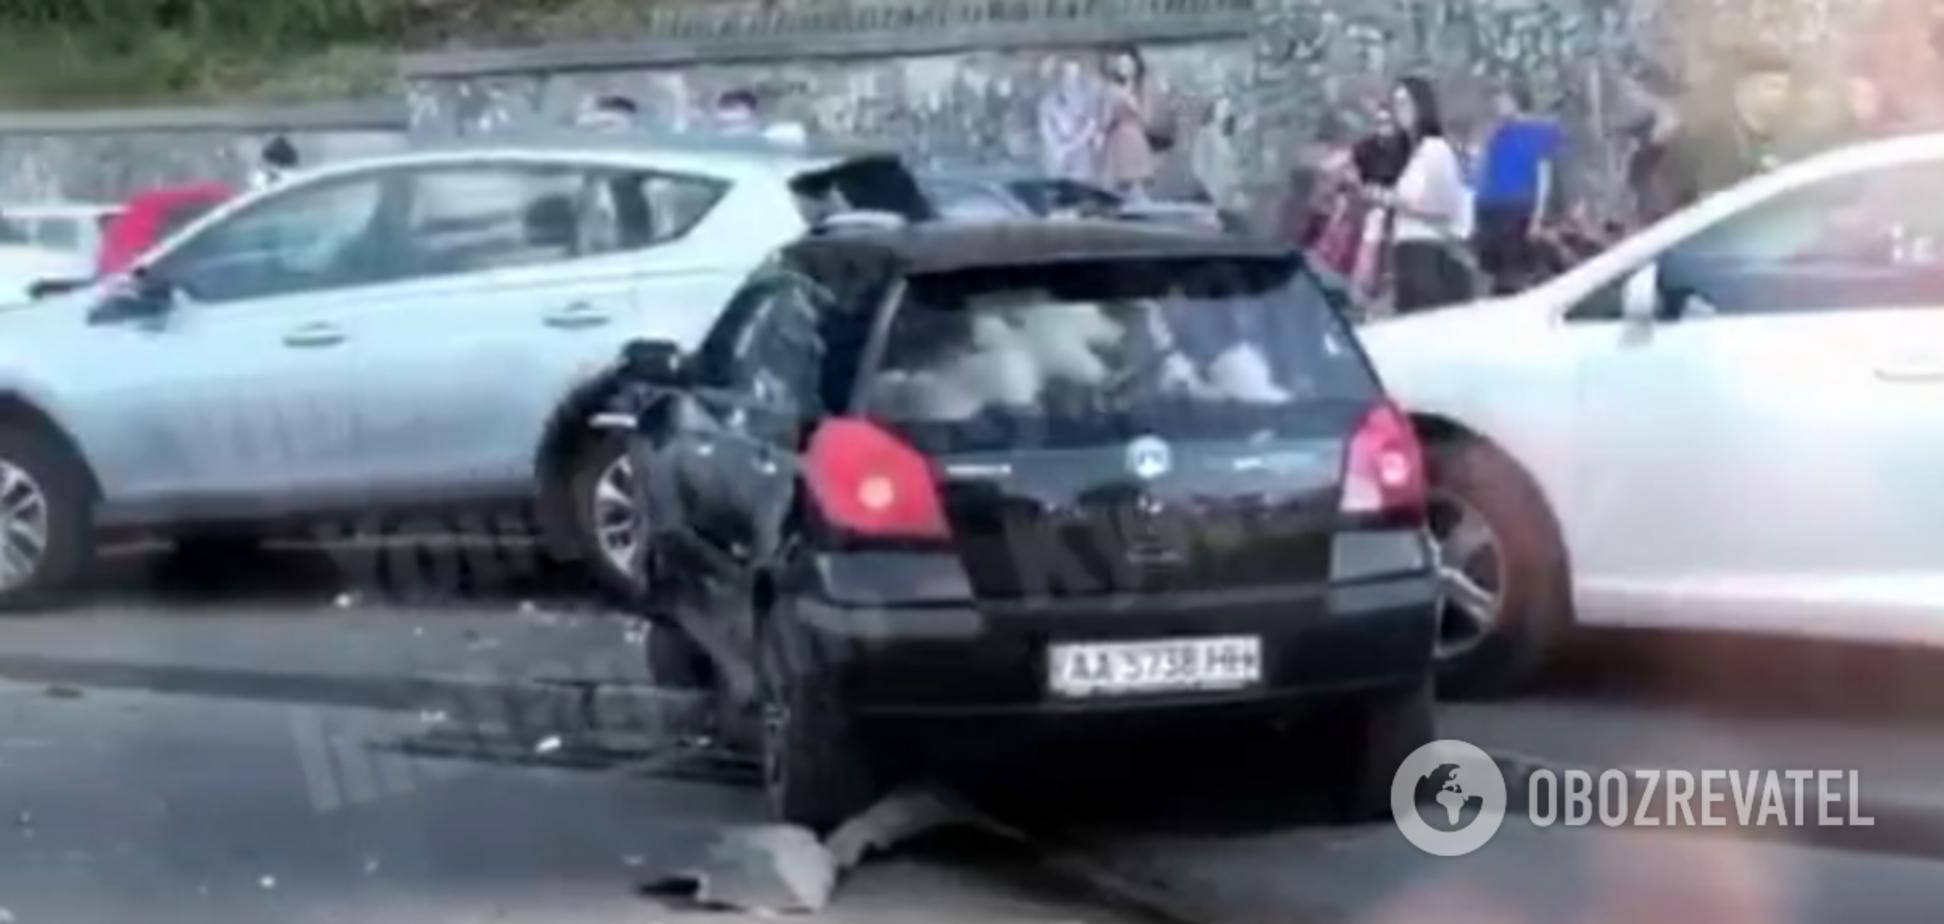 Біля Пішохідного мосту в Києві сталася масштабна ДТП. Відео